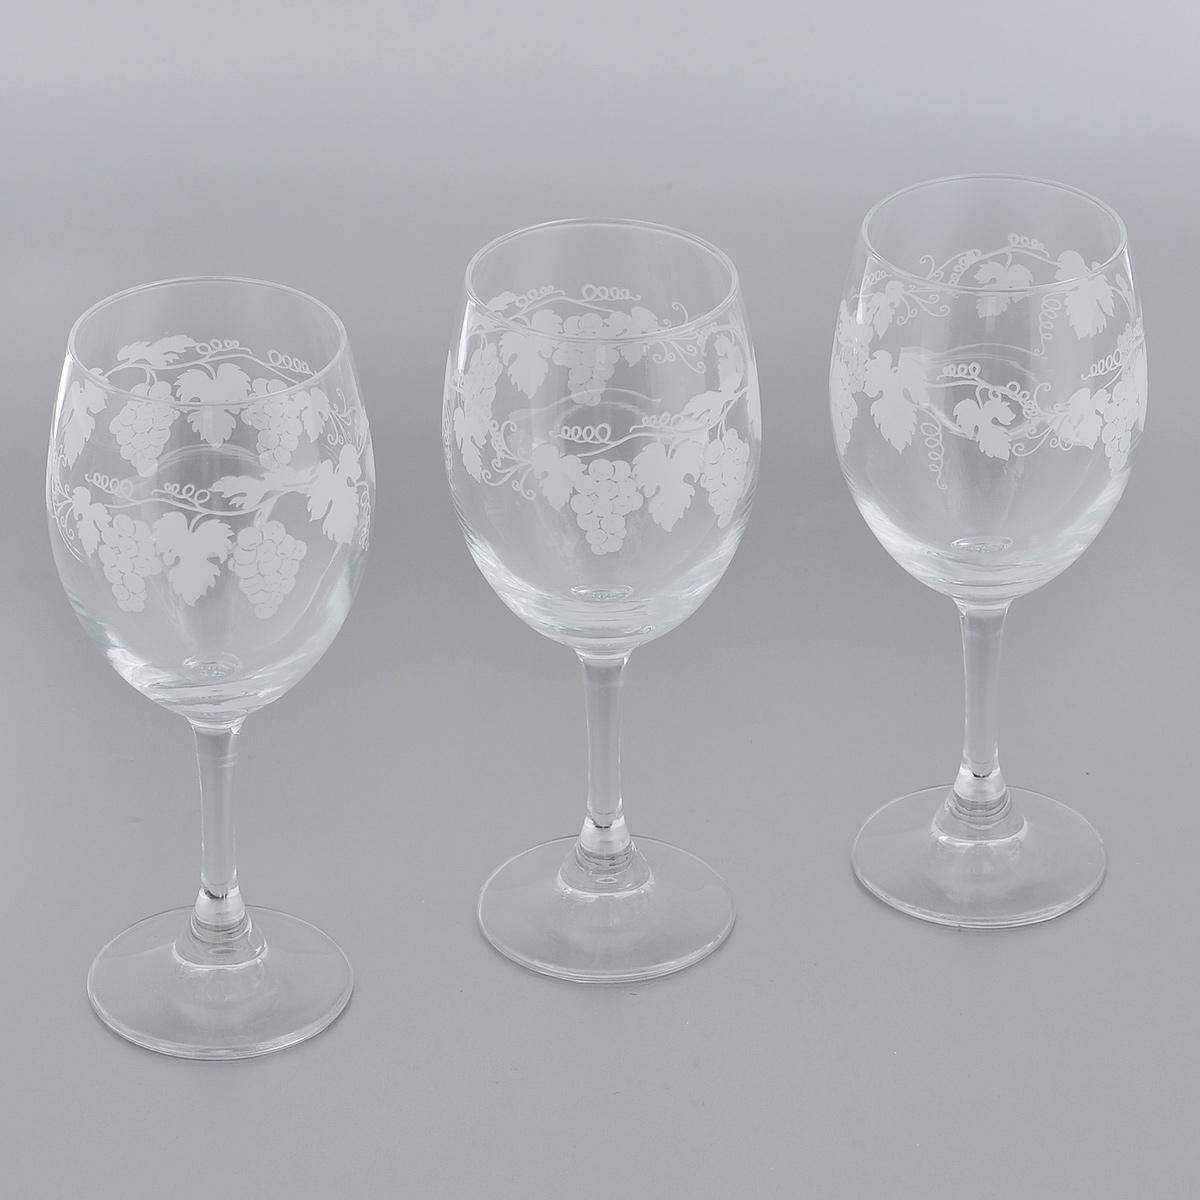 Набор бокалов для вина Royal Leerdam Vignoble, 340 мл, 3 штVT-1520(SR)Набор Royal Leerdam Vignoble состоит из 3 бокалов, выполненных из высококачественного стекла. Изделия украшены изящным орнаментом в виде виноградной лозы. Бокалы предназначены для подачи вина. Набор бокалов прекрасно оформит сервировку стола и создаст в доме атмосферу романтики и уюта. Можно мыть в посудомоечной машине.